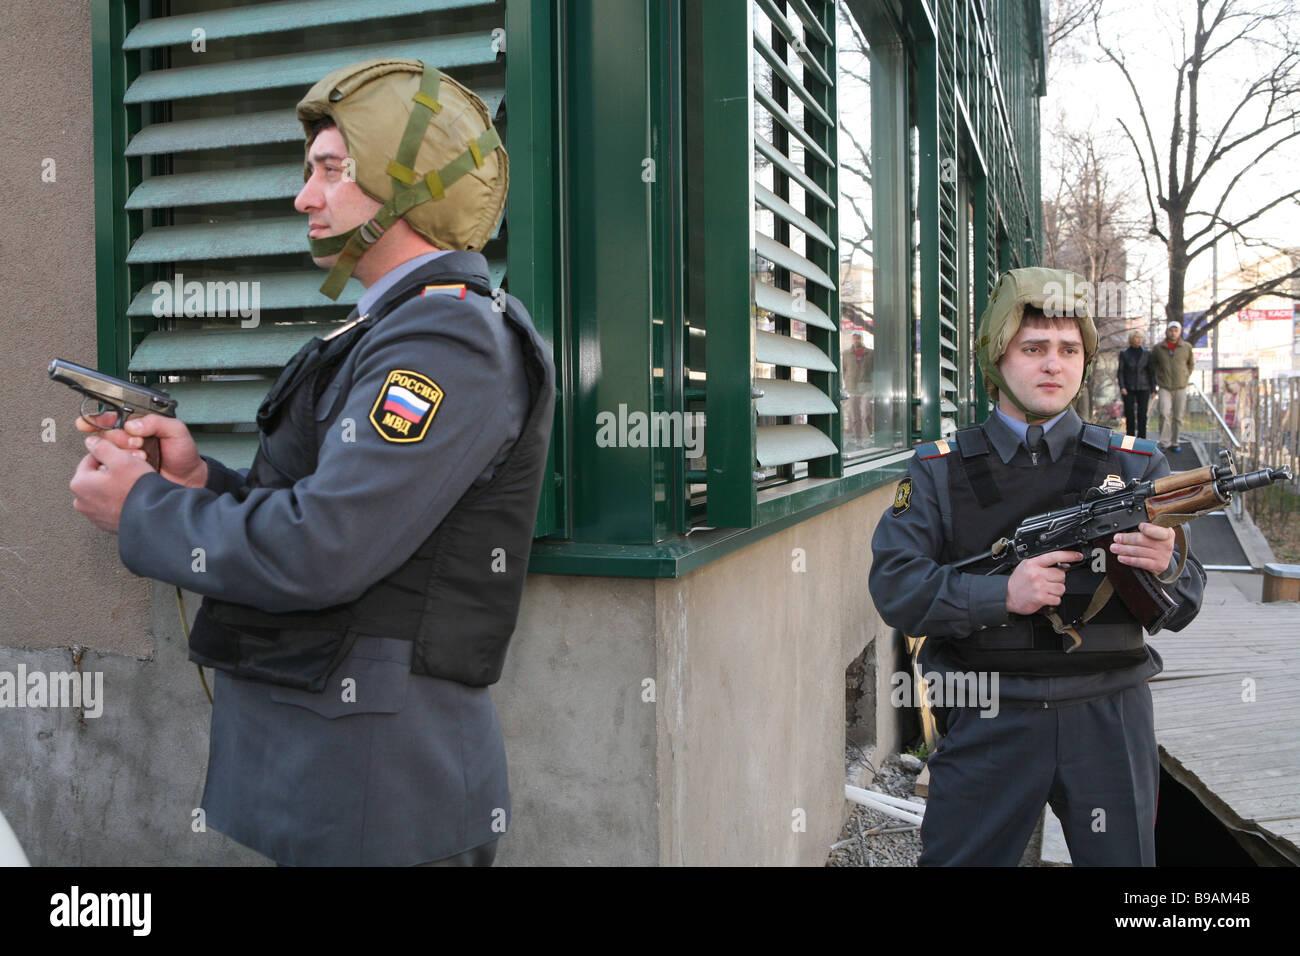 L'exercice tactique sur les installations de protection contre les atteintes criminelles Photo Stock